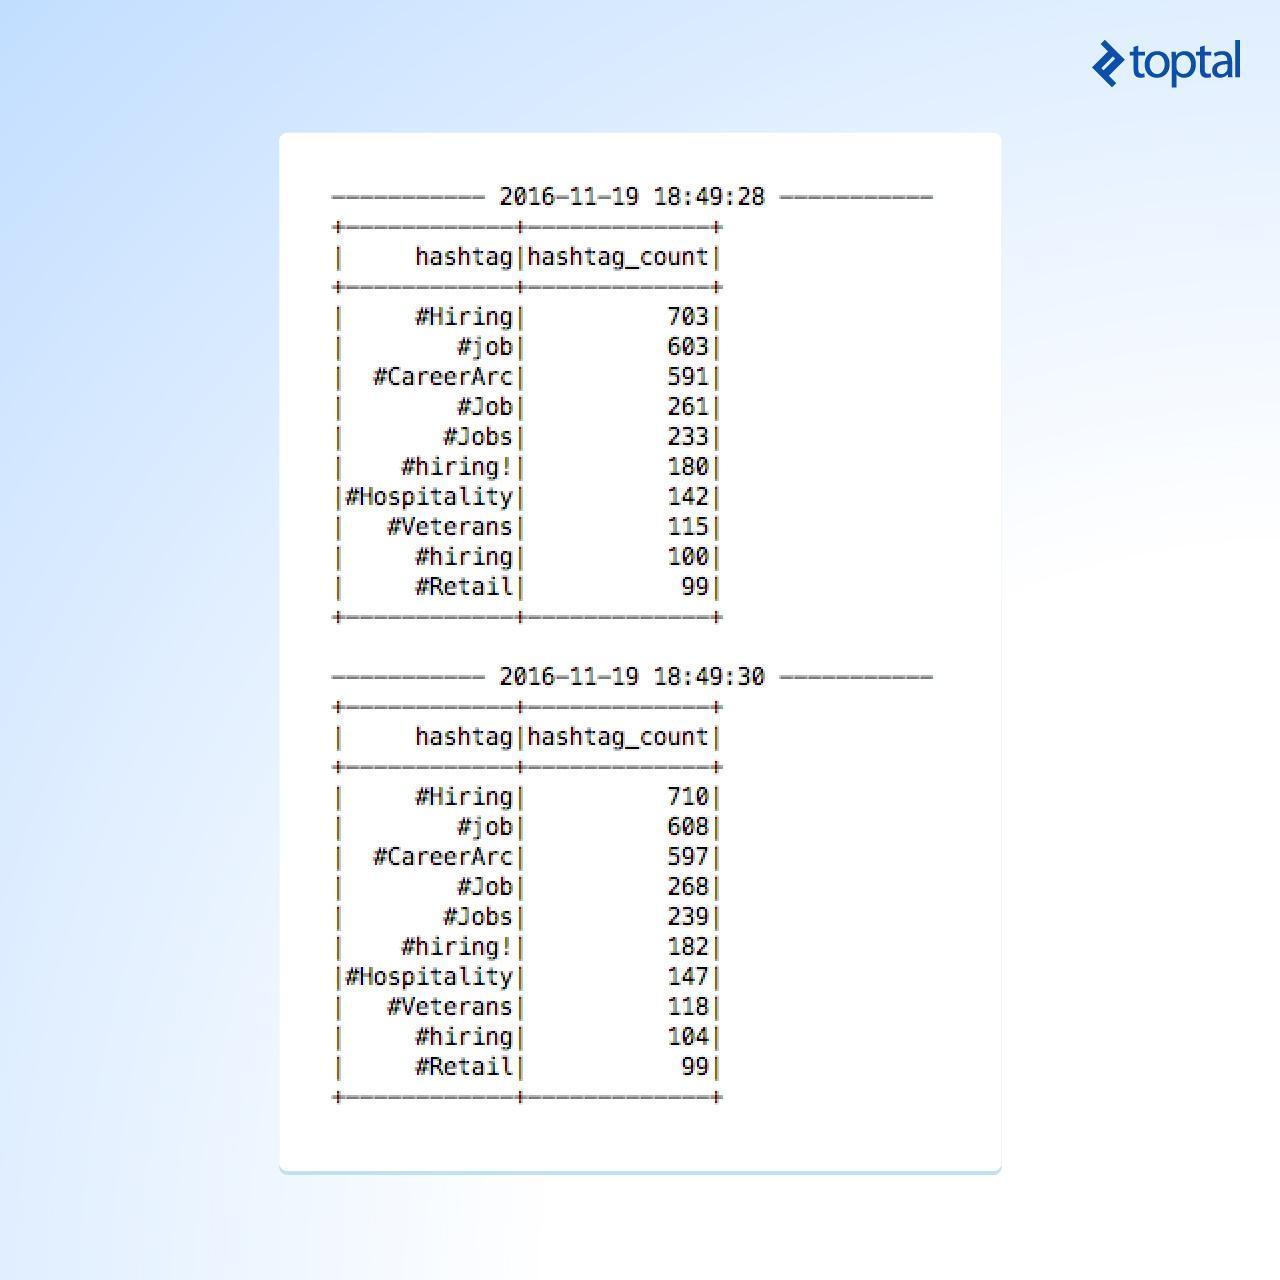 Un ejemplo de una salida de Twitter *Spark streaming*, impresa por cada configuración de intervalo de grupo